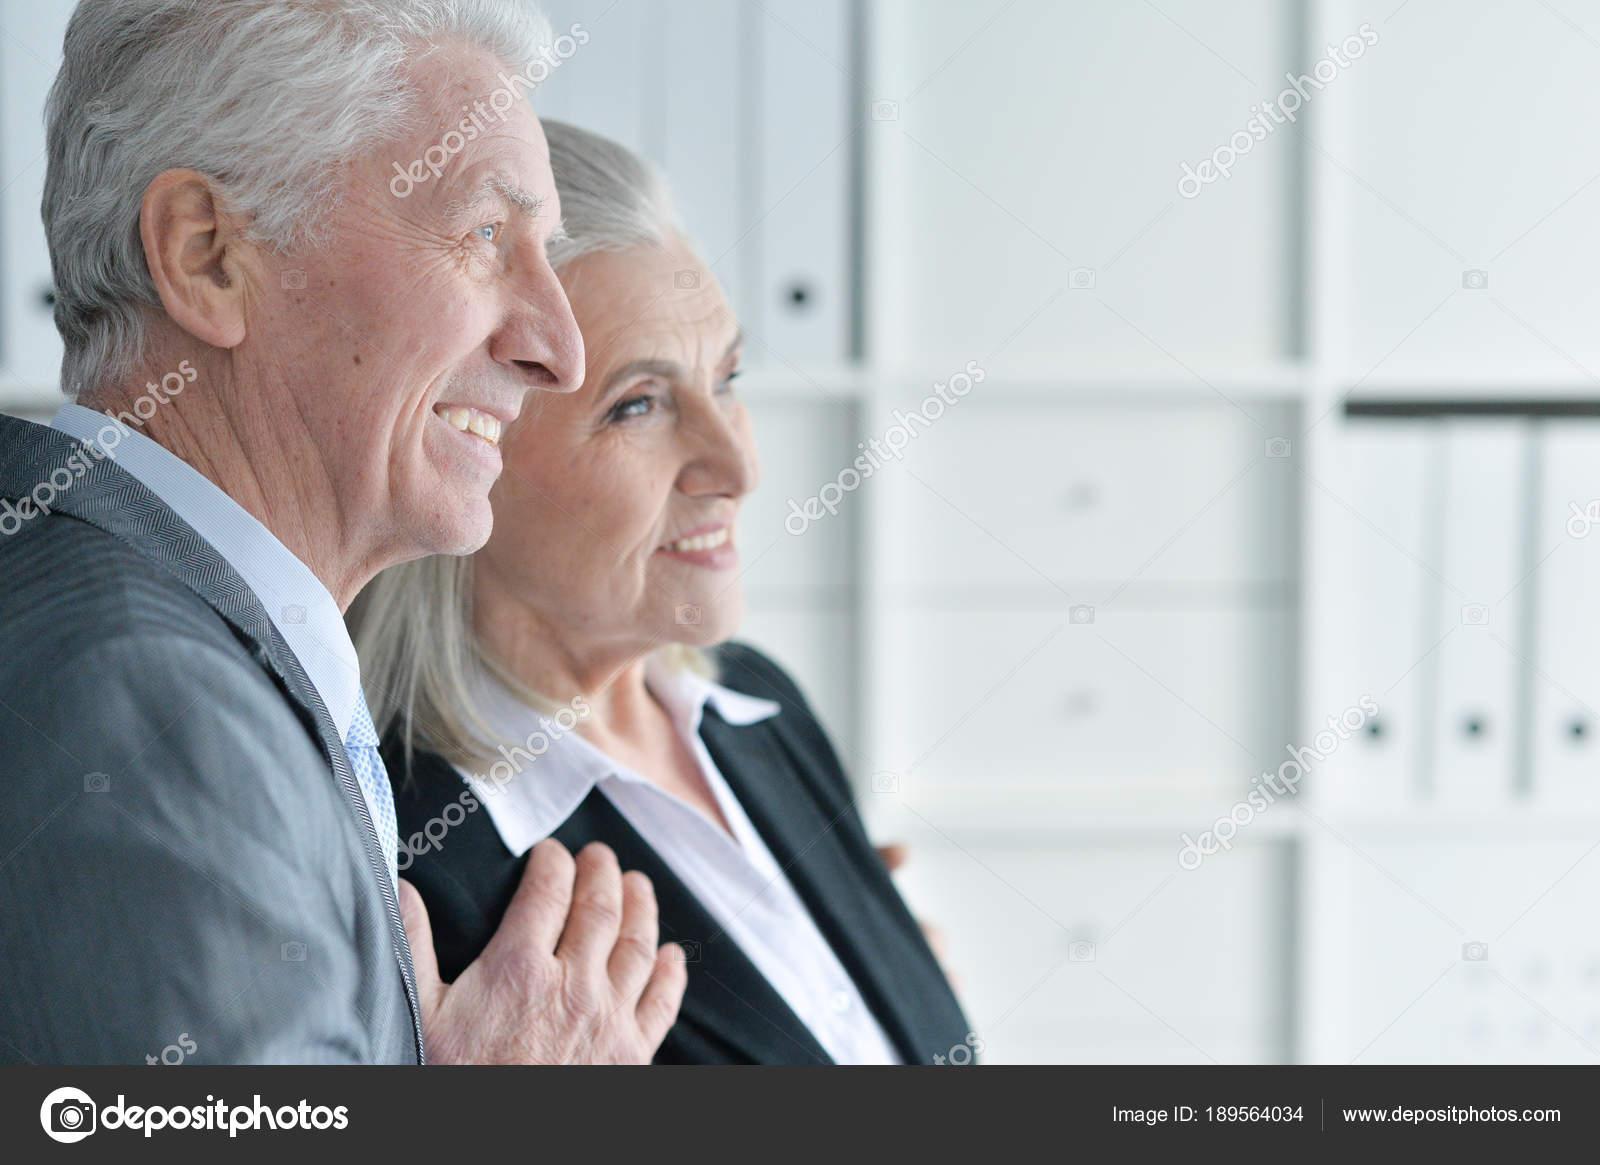 Abbigliamento Ufficio Uomo : Ritratto uomo anziano donna abbigliamento formale ufficio u foto